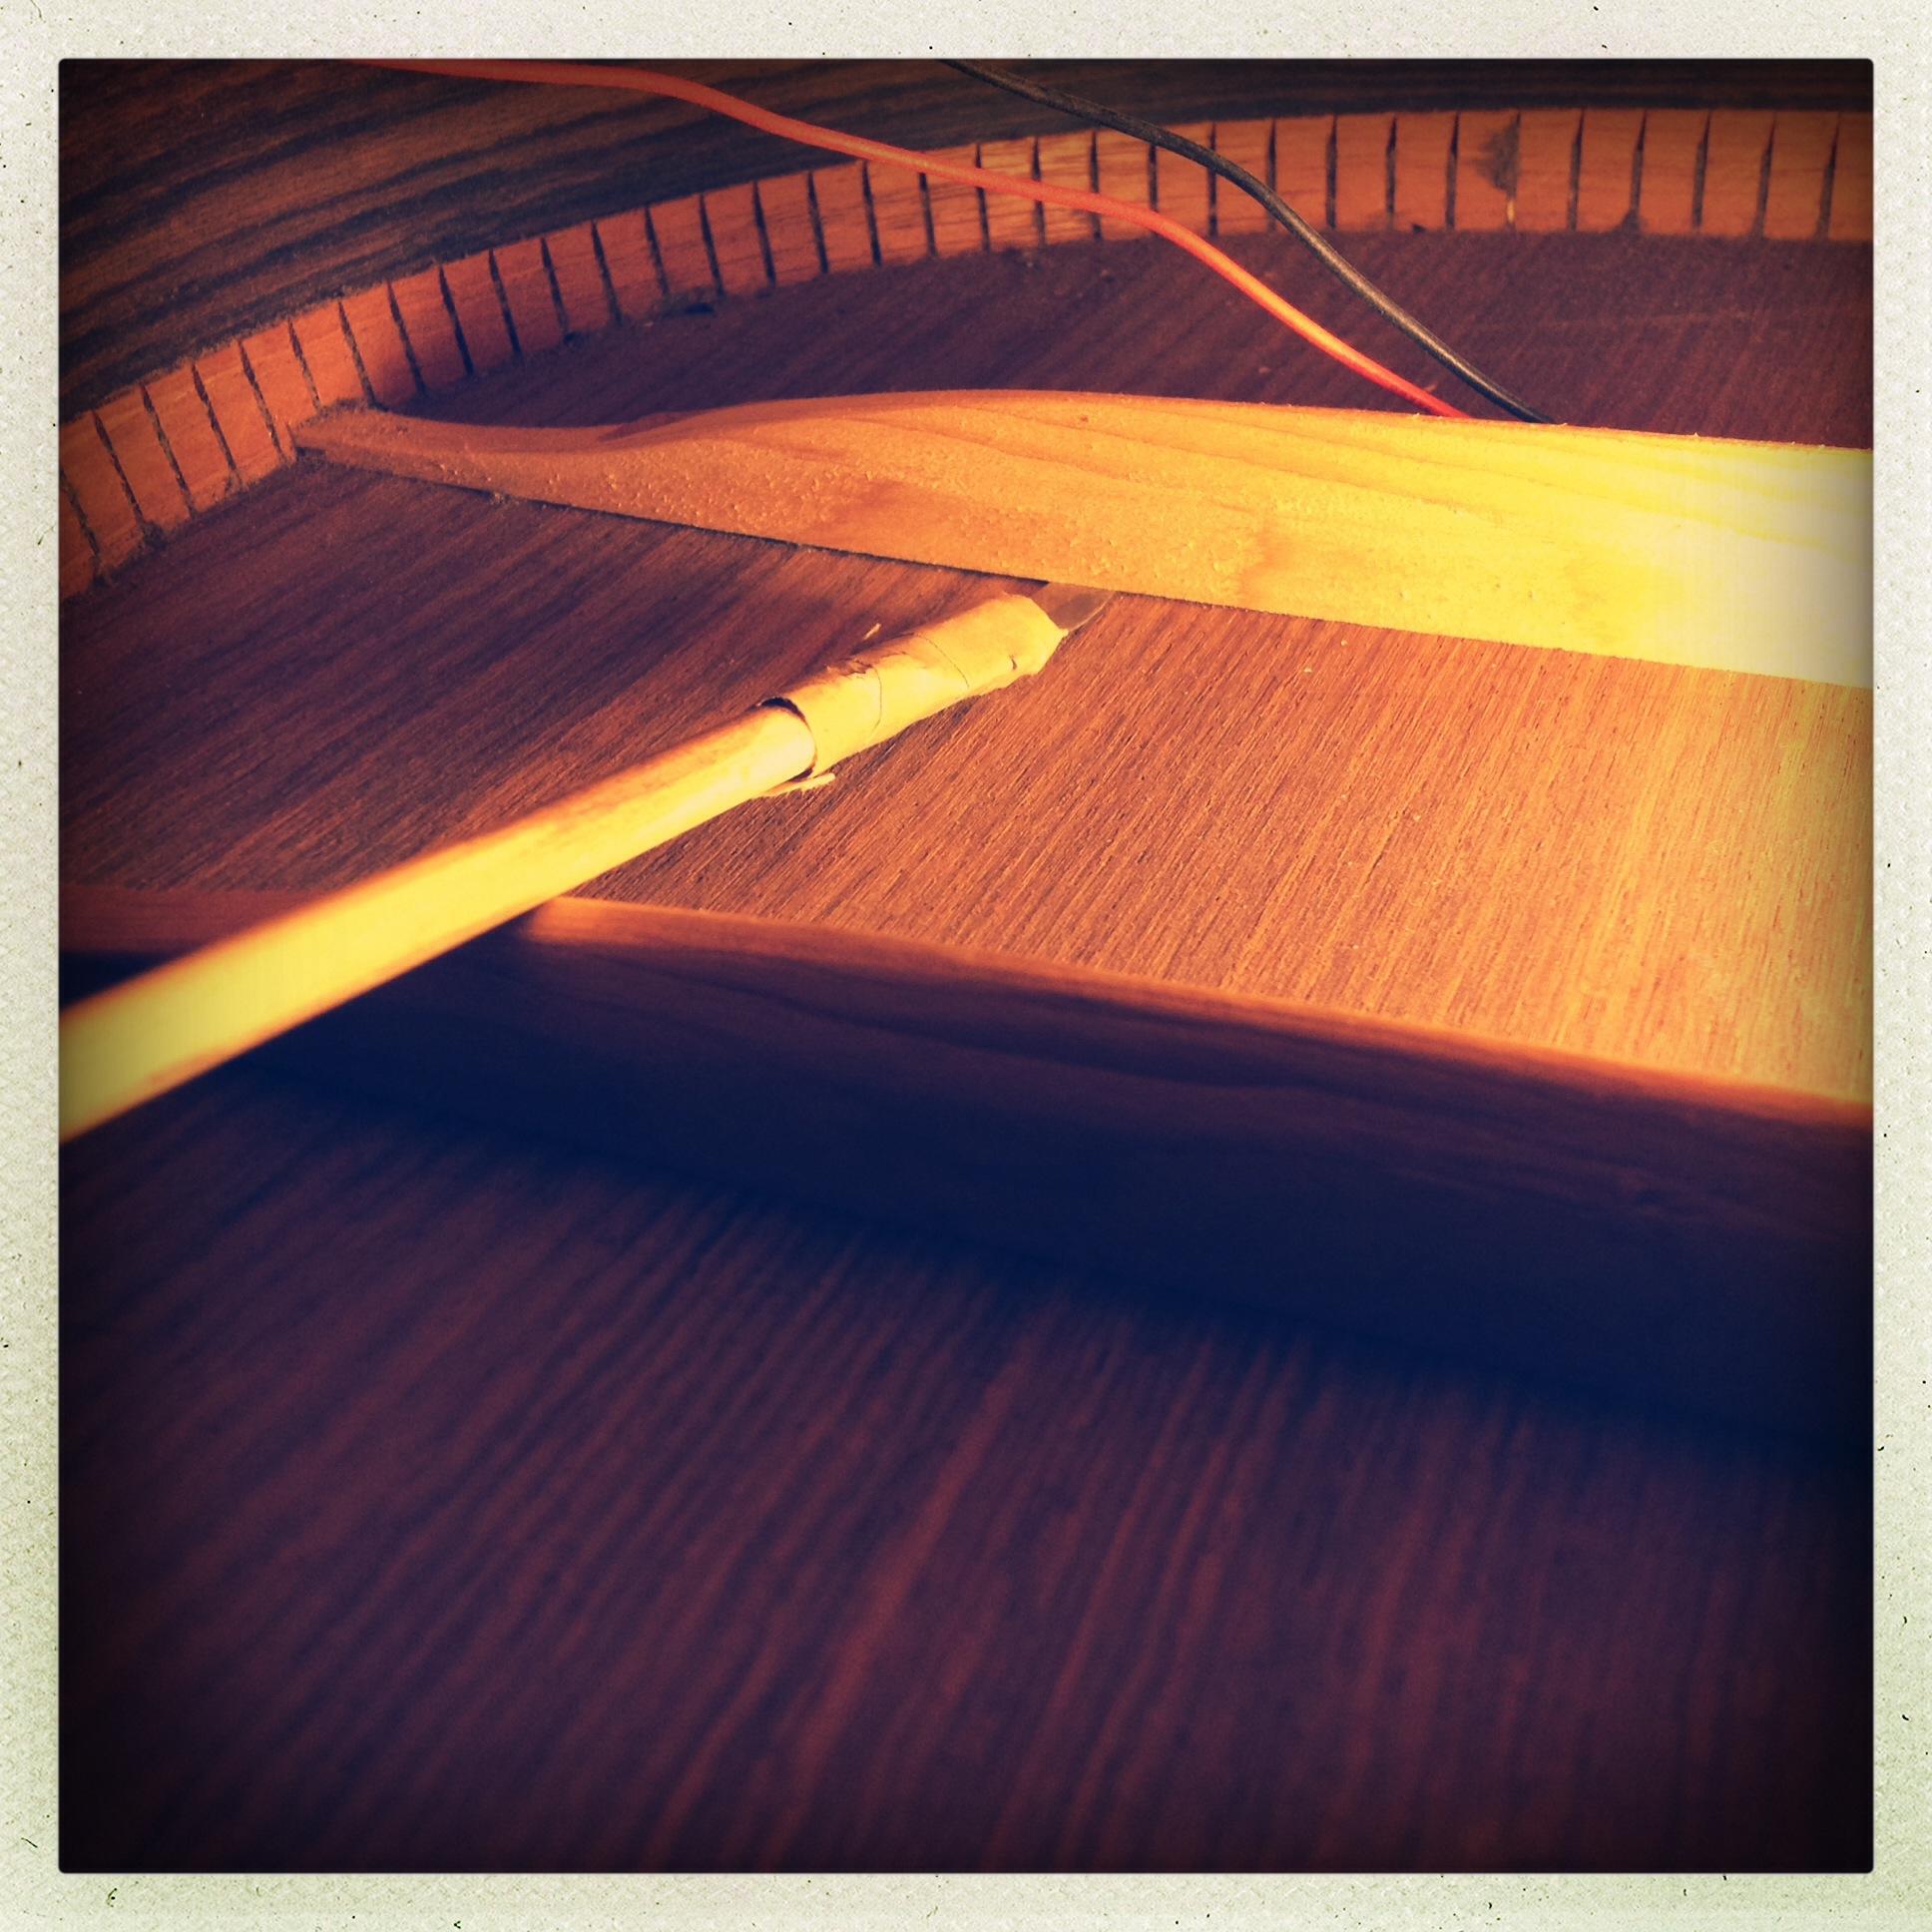 Loose acoustic guitar brace